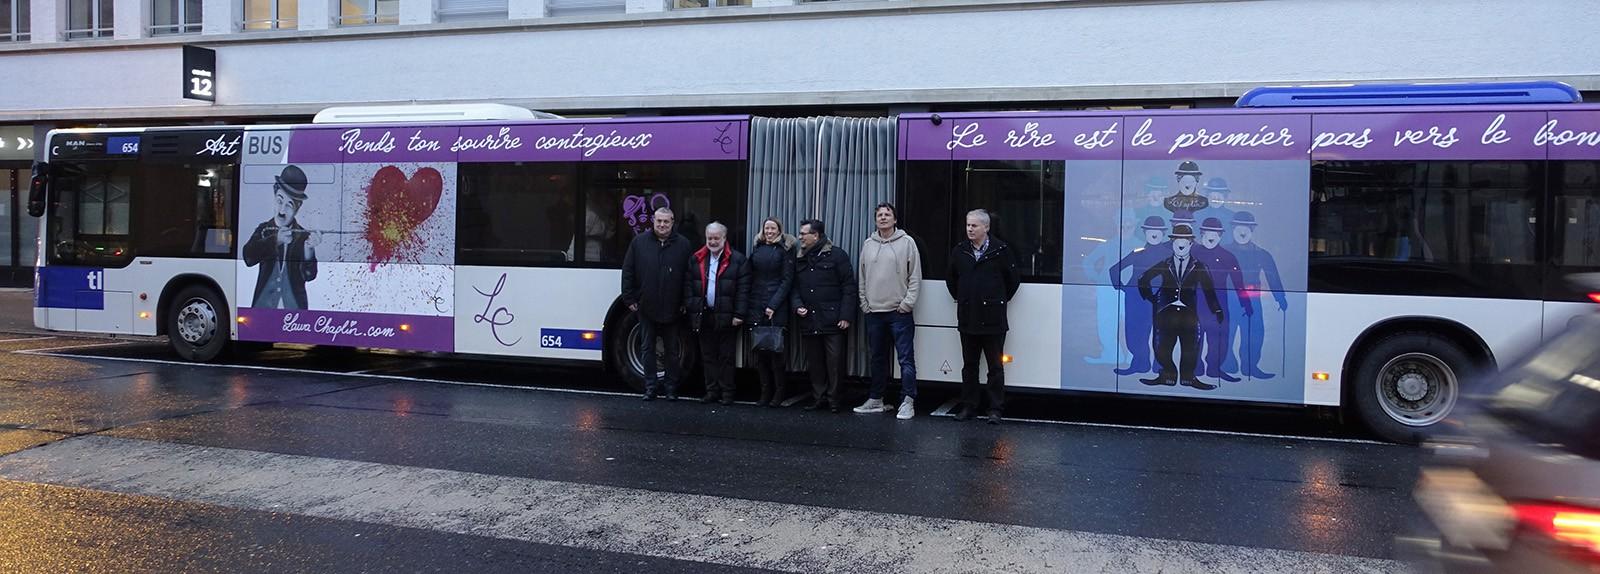 *Smart Art Bus* Lausanne